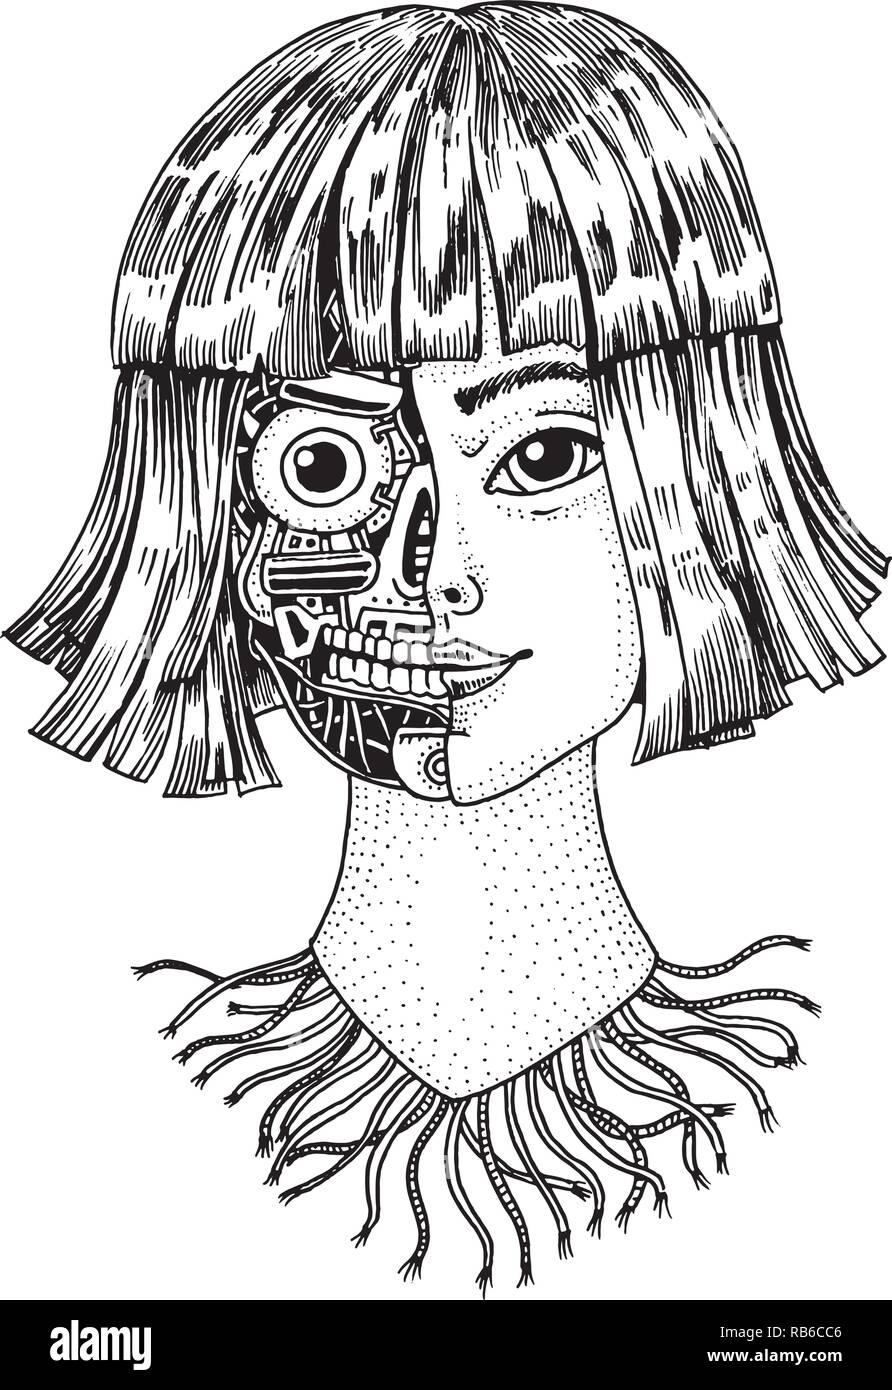 Half Human Half Robot ...